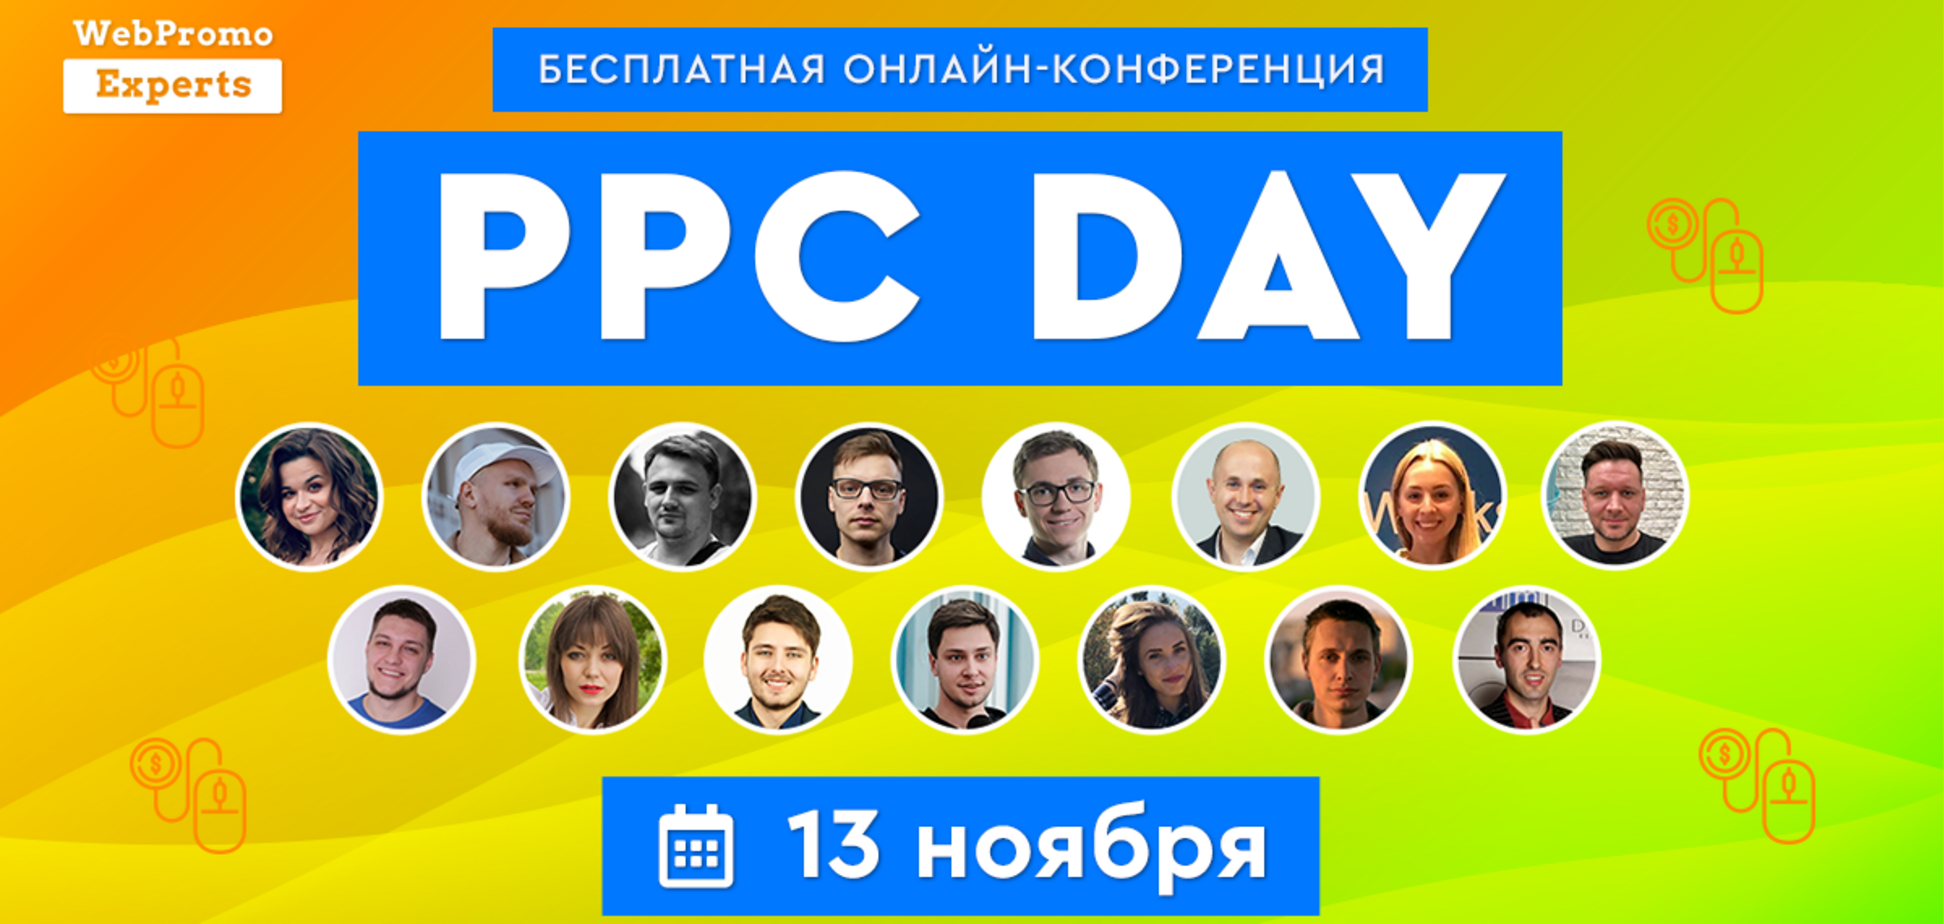 13 ноября в 2020 года состоится бесплатнаяконференцияPPC Day от WebPromoExperts